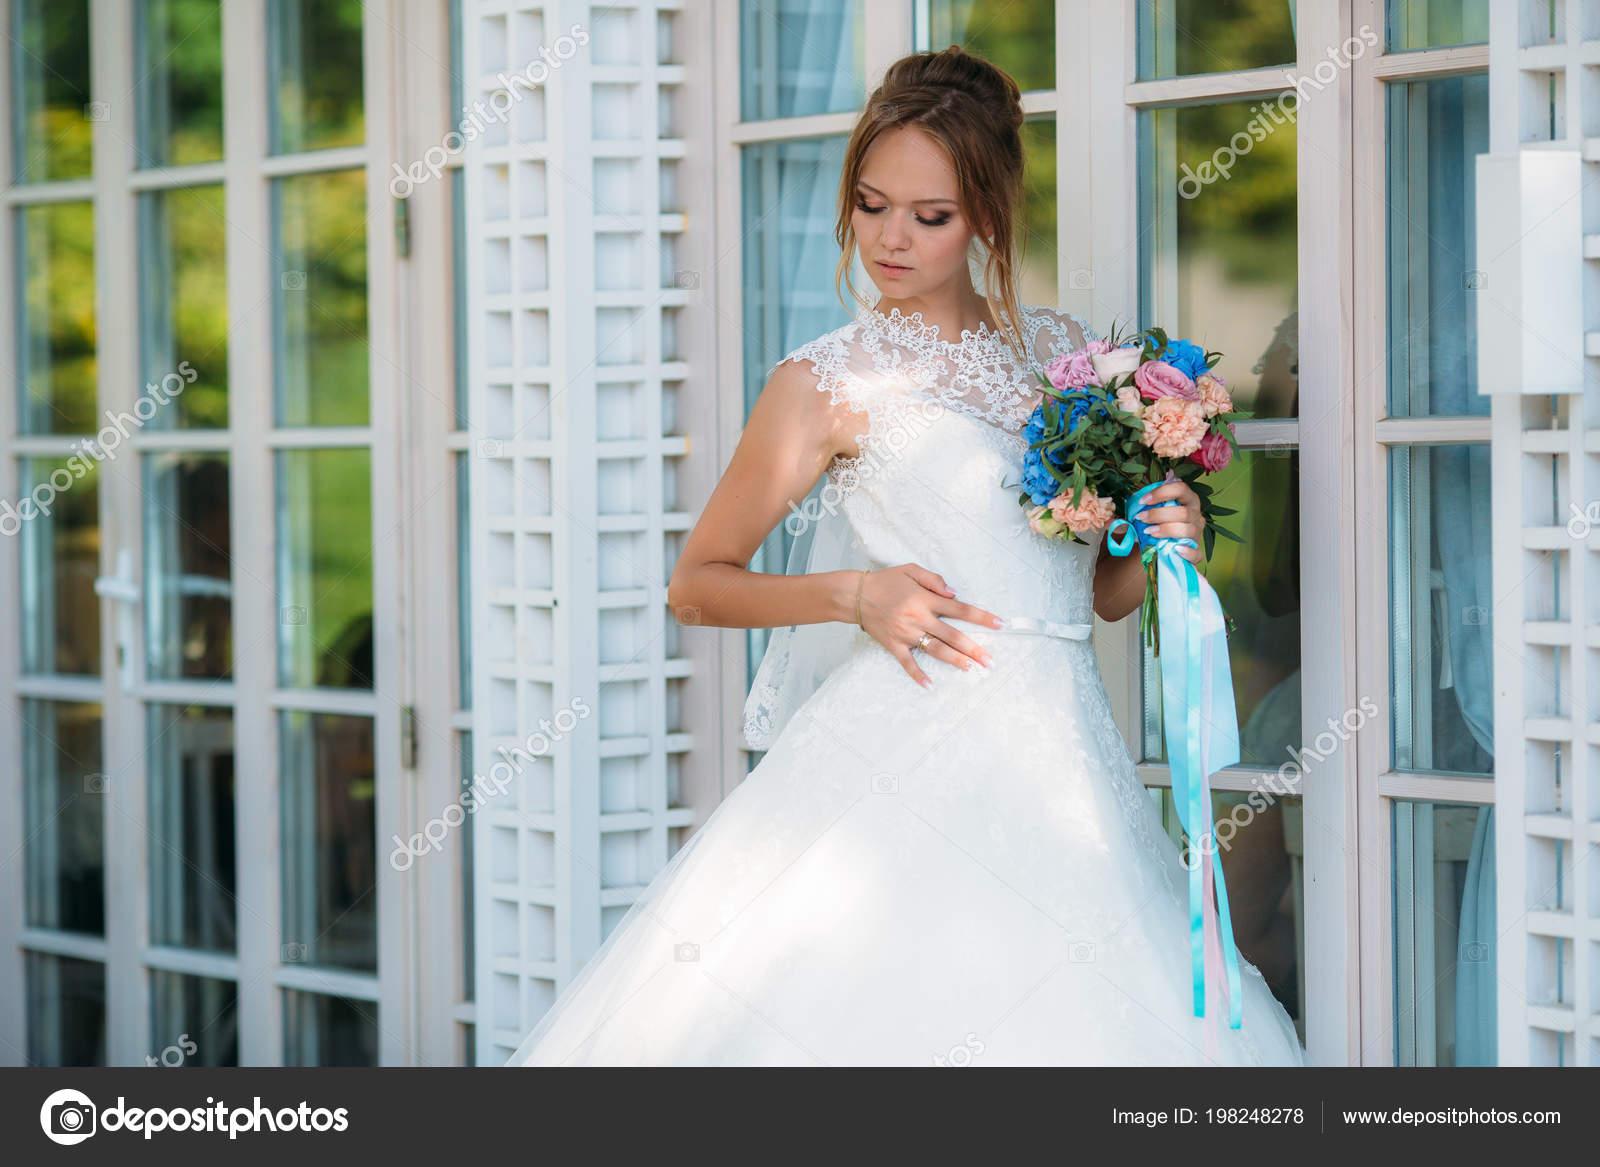 efb95de12b71 La sposa bionda ammira il suo abito da sposa bianco pizzo